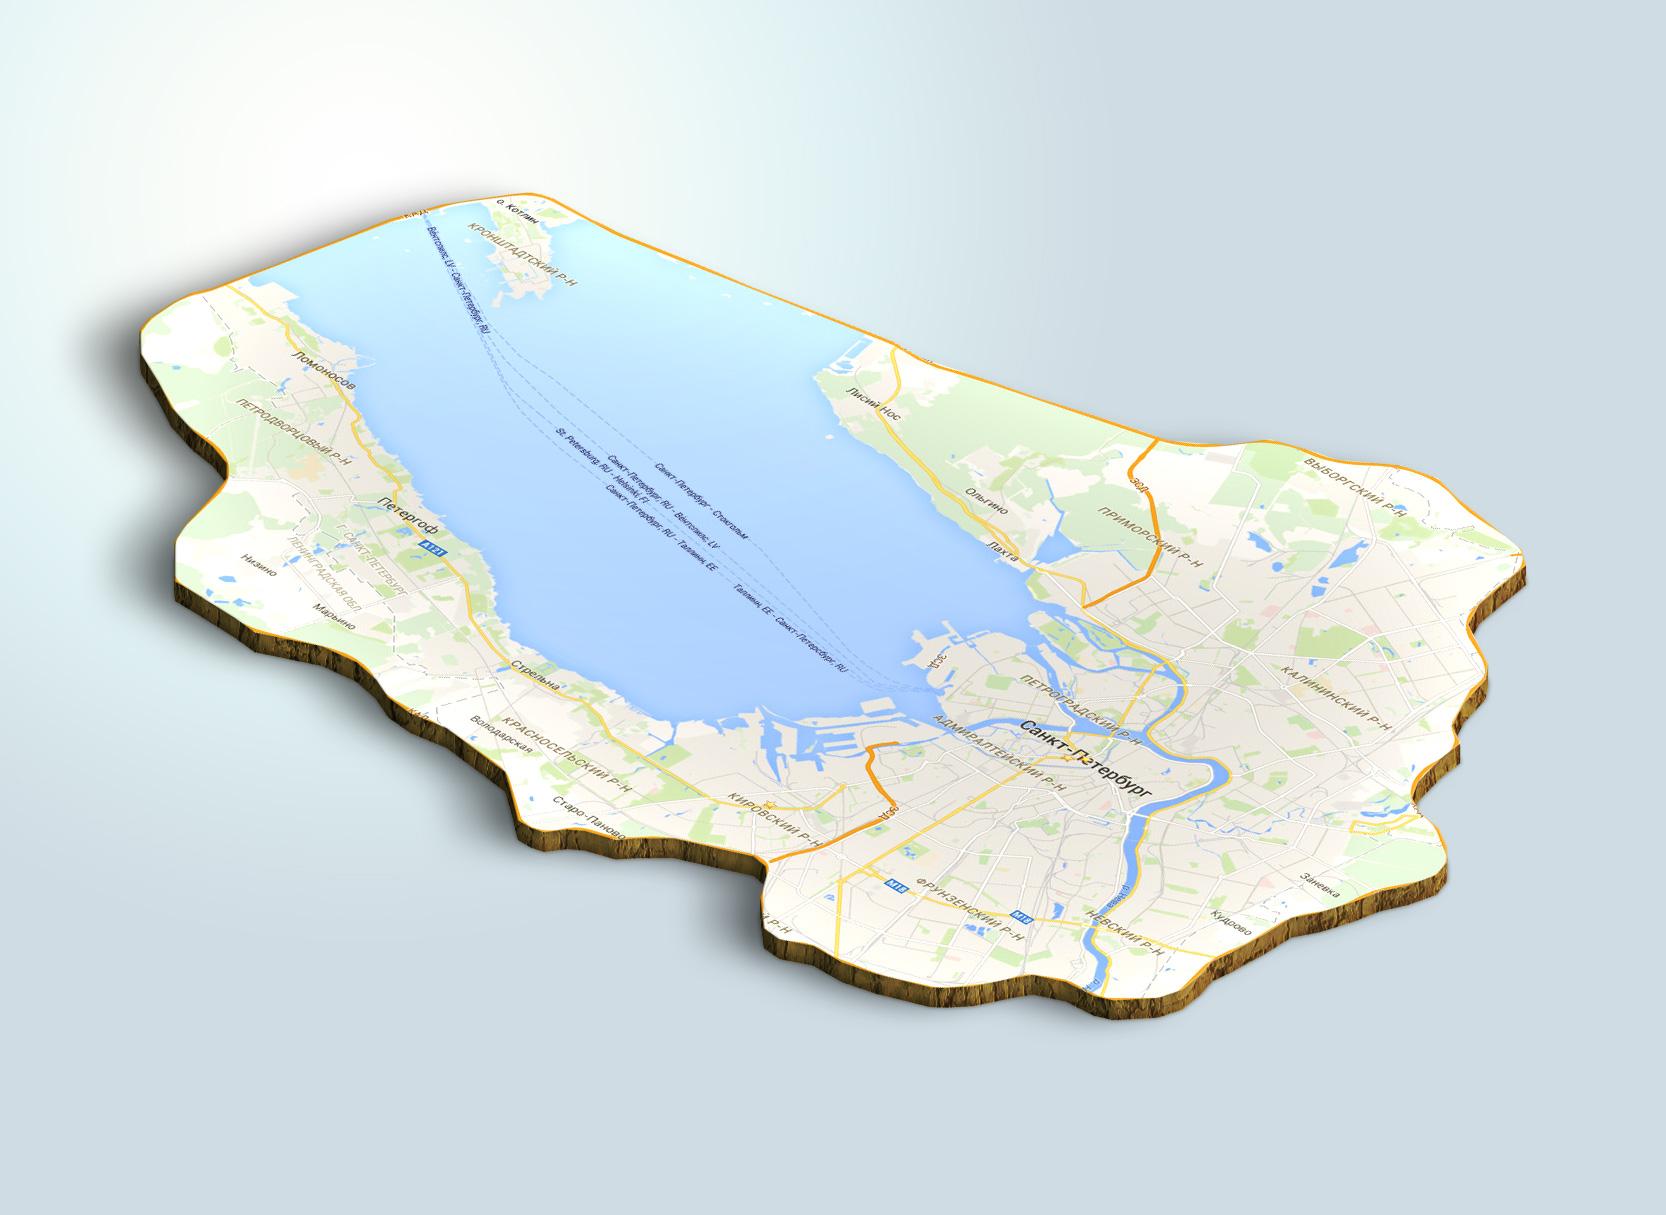 3d-map-photoshop-04